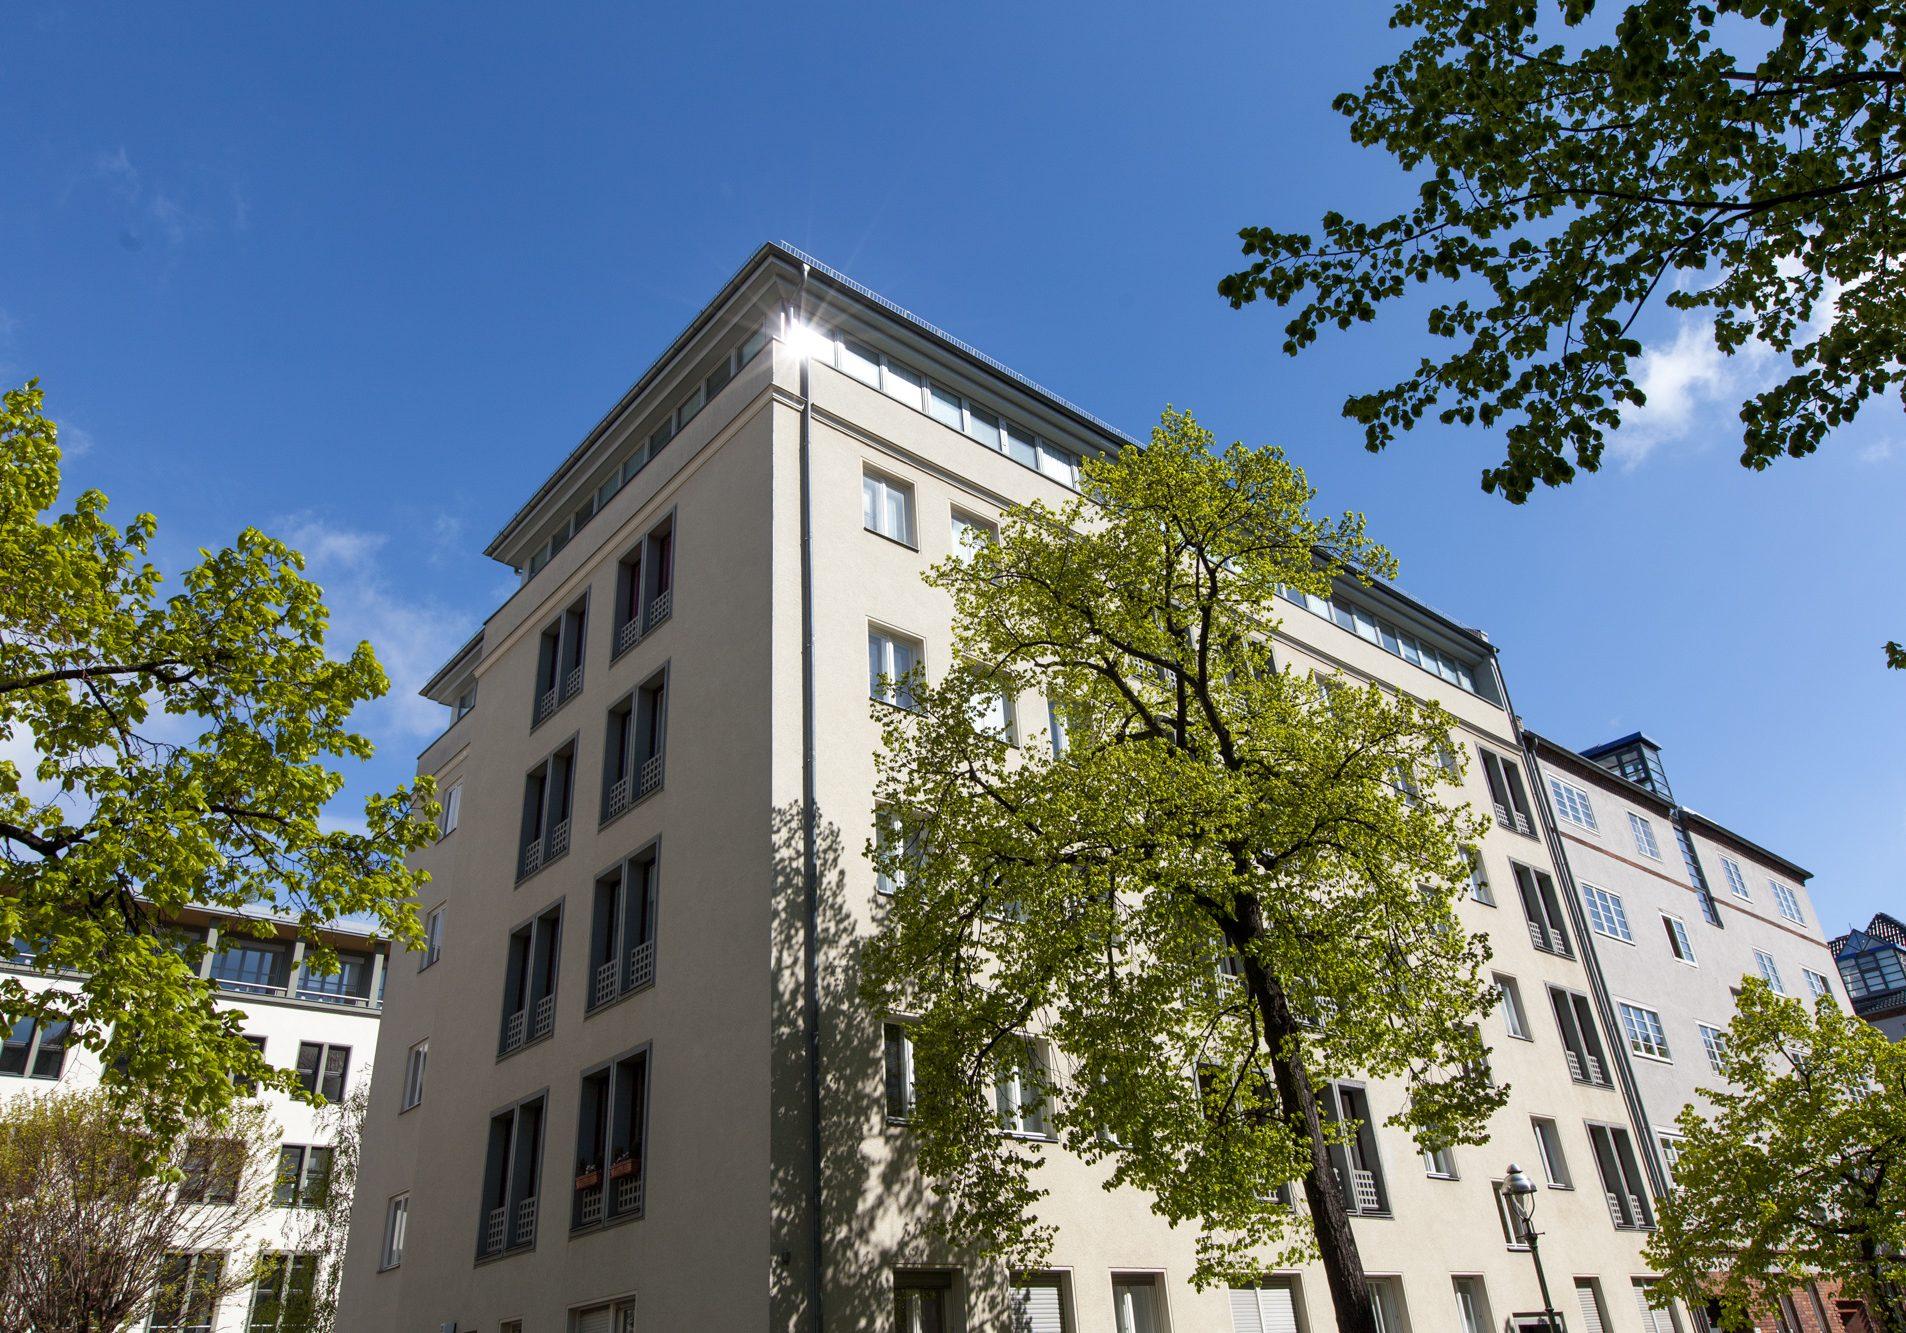 Berlin, Düsseldorfer Str. 37, 37a, 38b, 5 Wohneinheiten